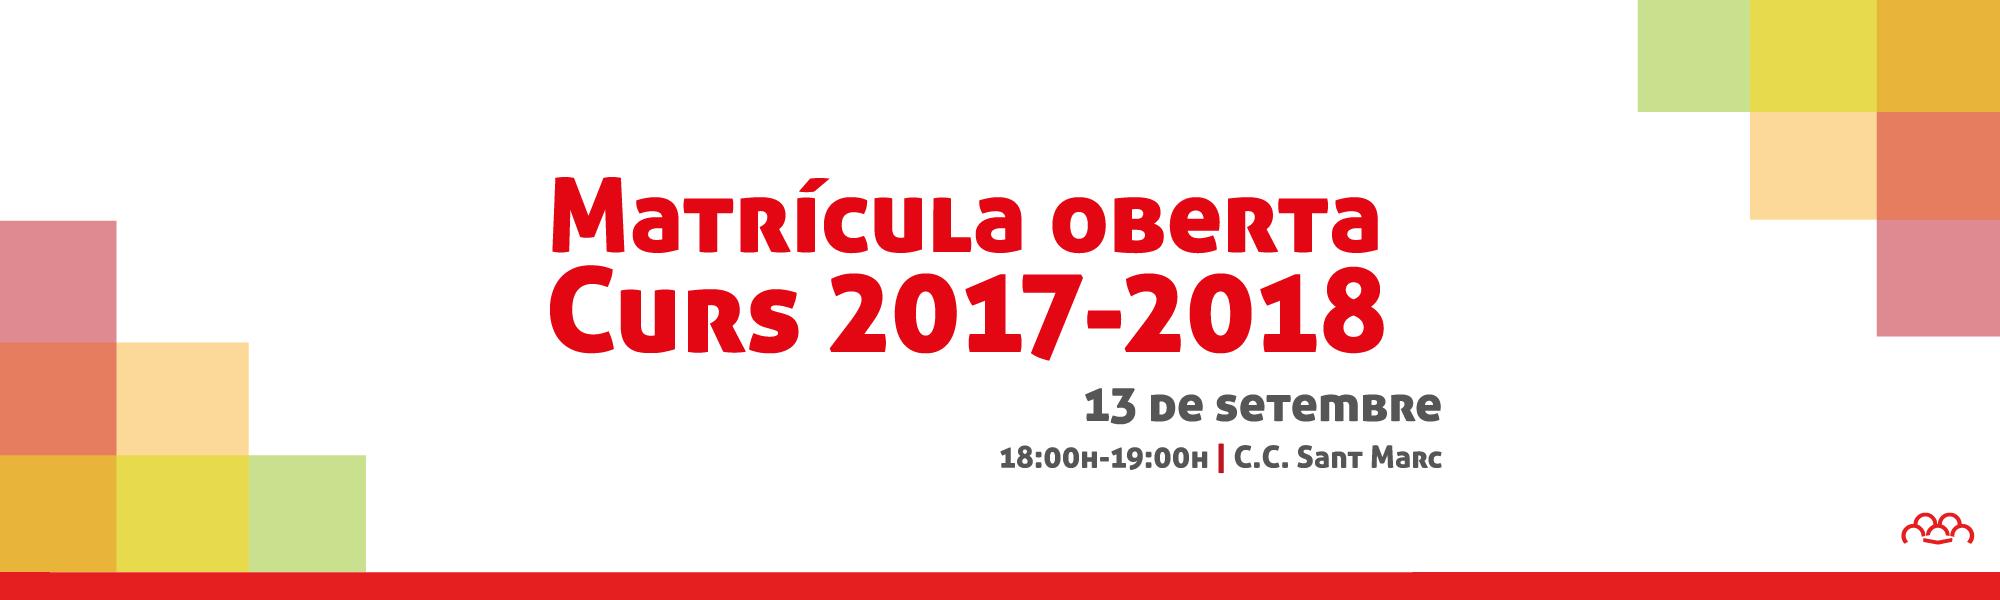 Matrícula oberta - Curs 2017-2018 - 13 de setembre - 18:00h-19:00h Centre Cultural Sant Marc